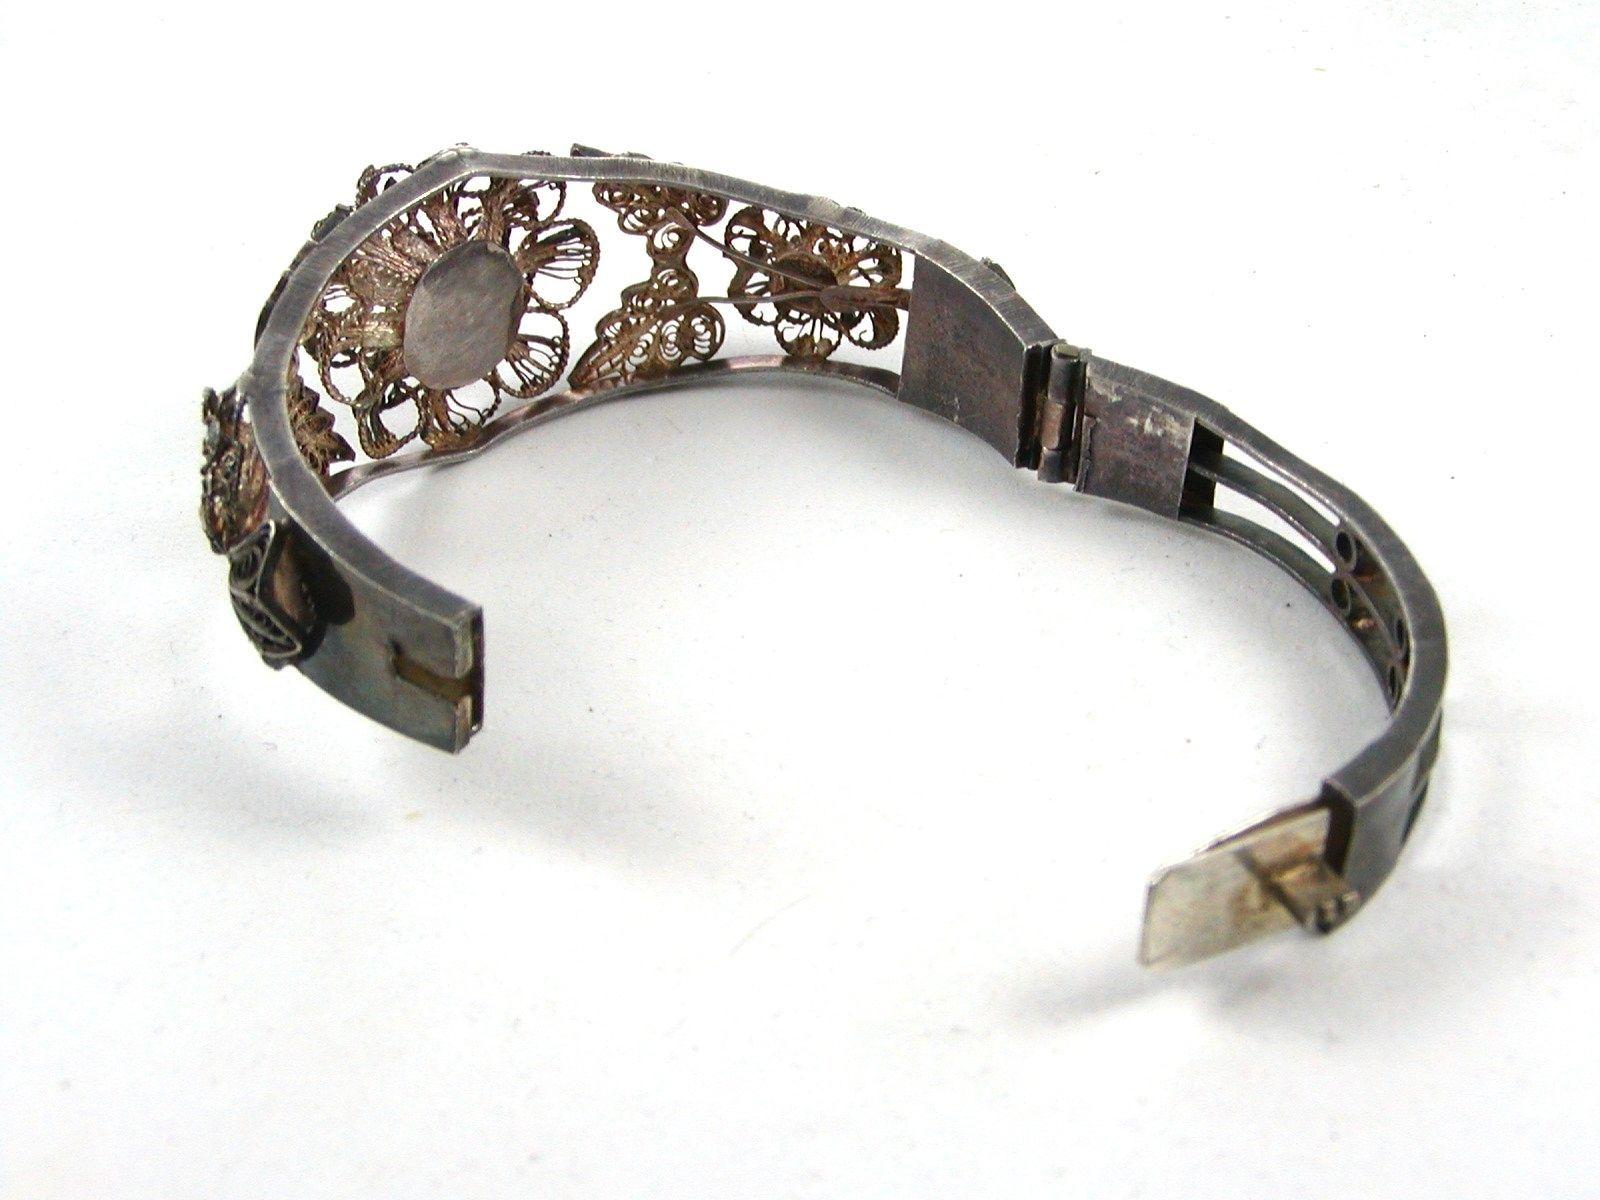 True Vintage 1930's - 1950's Silver Flower Bracelet Unmarked 110714